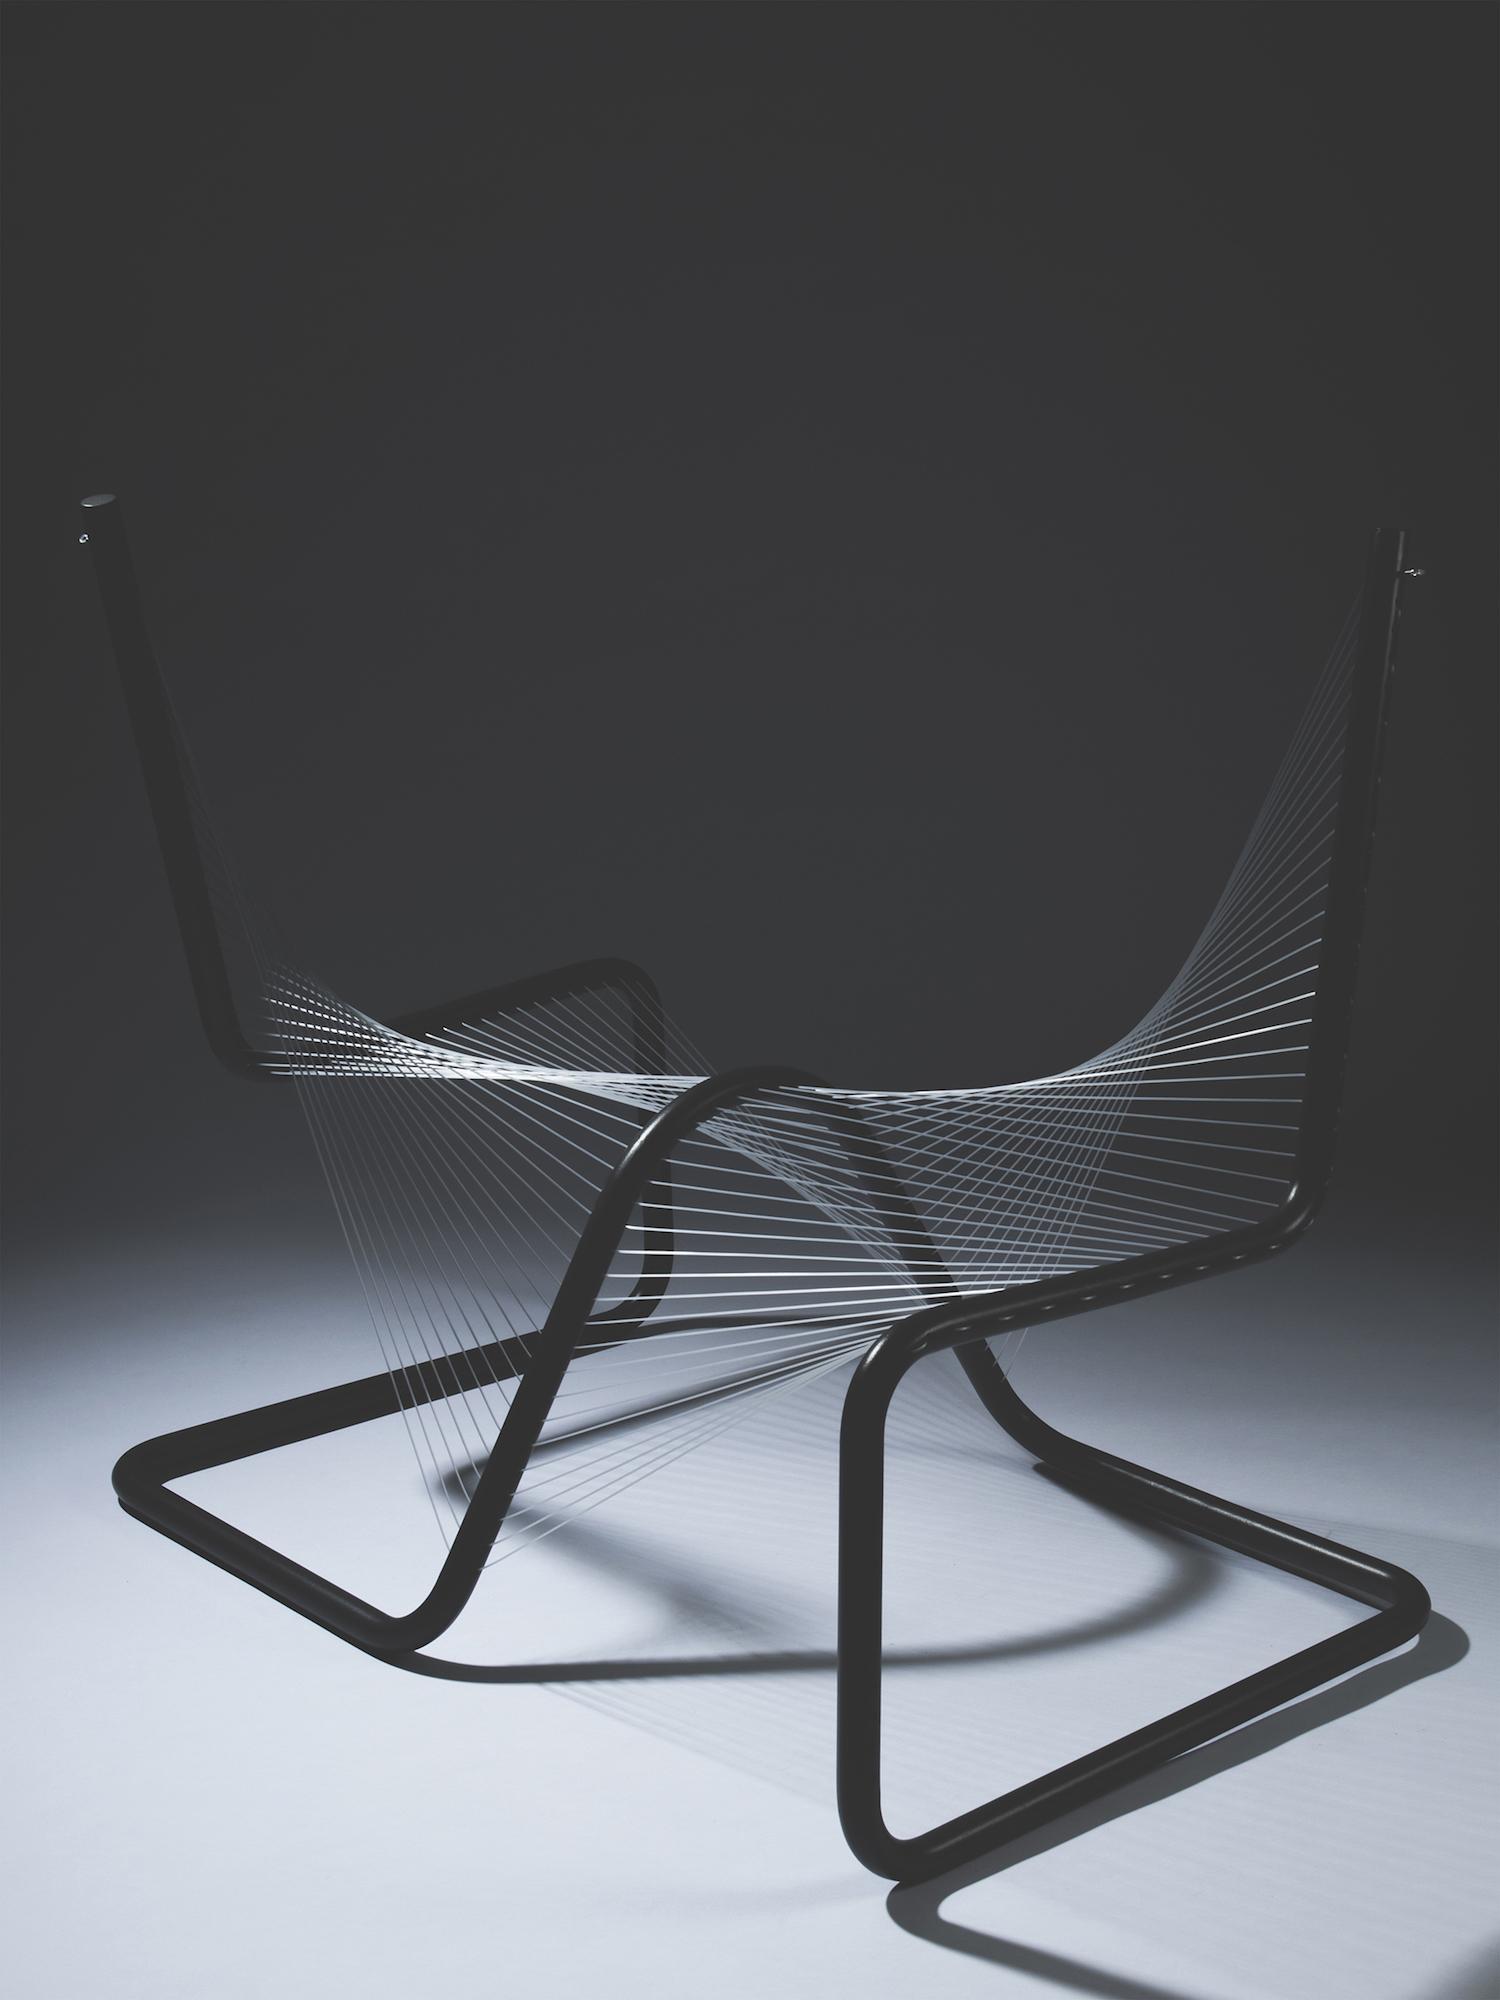 design_saitenschair_claraschweers_2